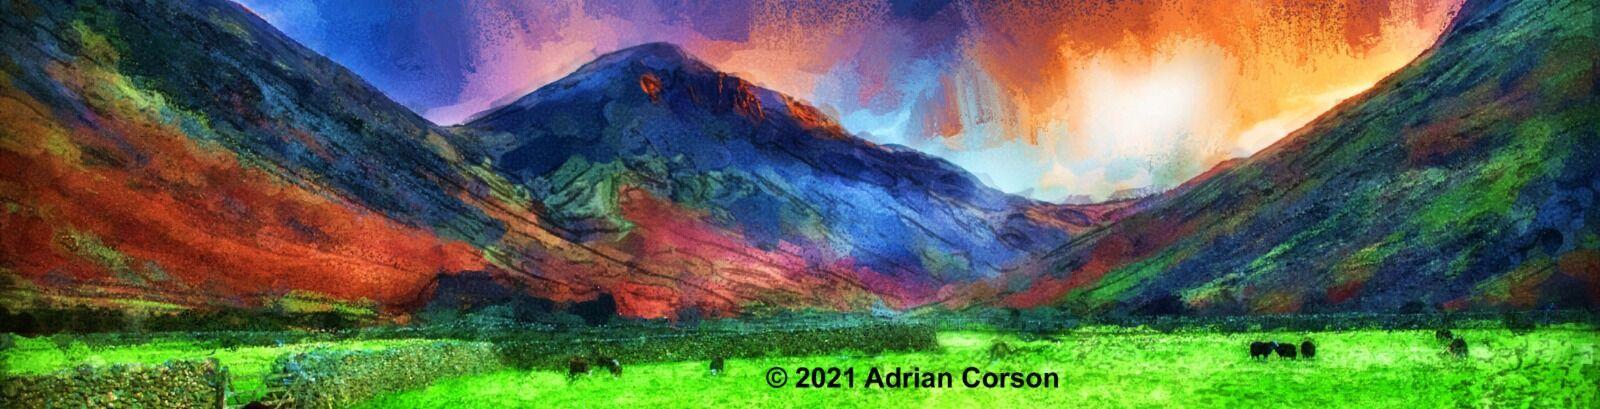 124-mountain pasture